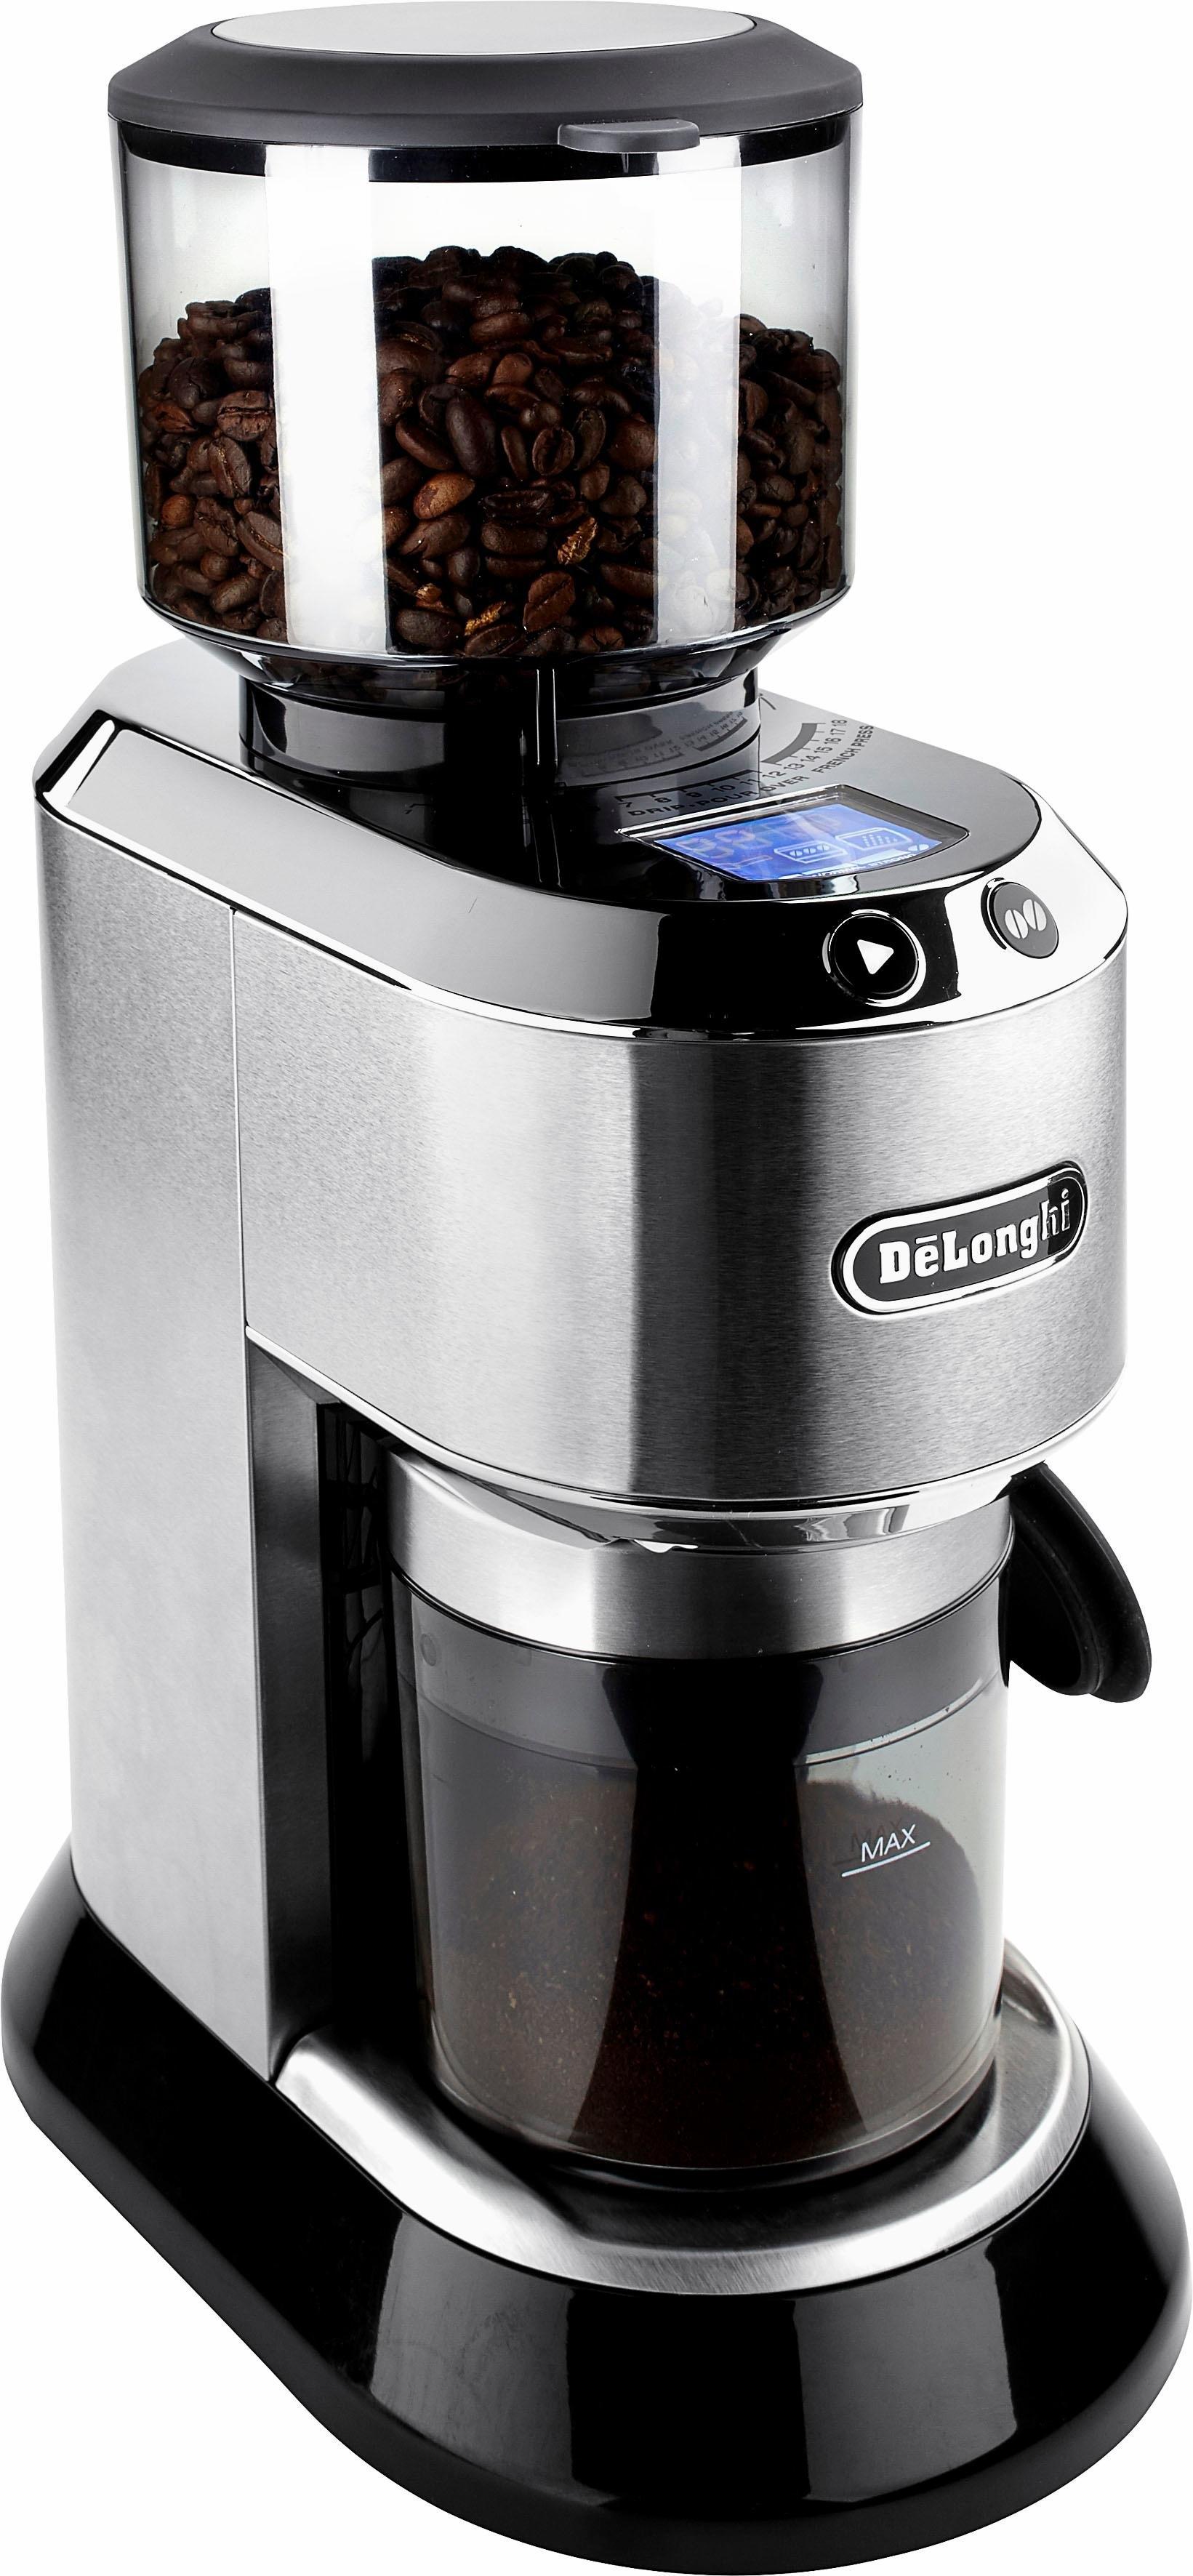 Op zoek naar een De'longhi DELONGHI elektrische koffiemolen Dedica KG521.M? Koop online bij OTTO